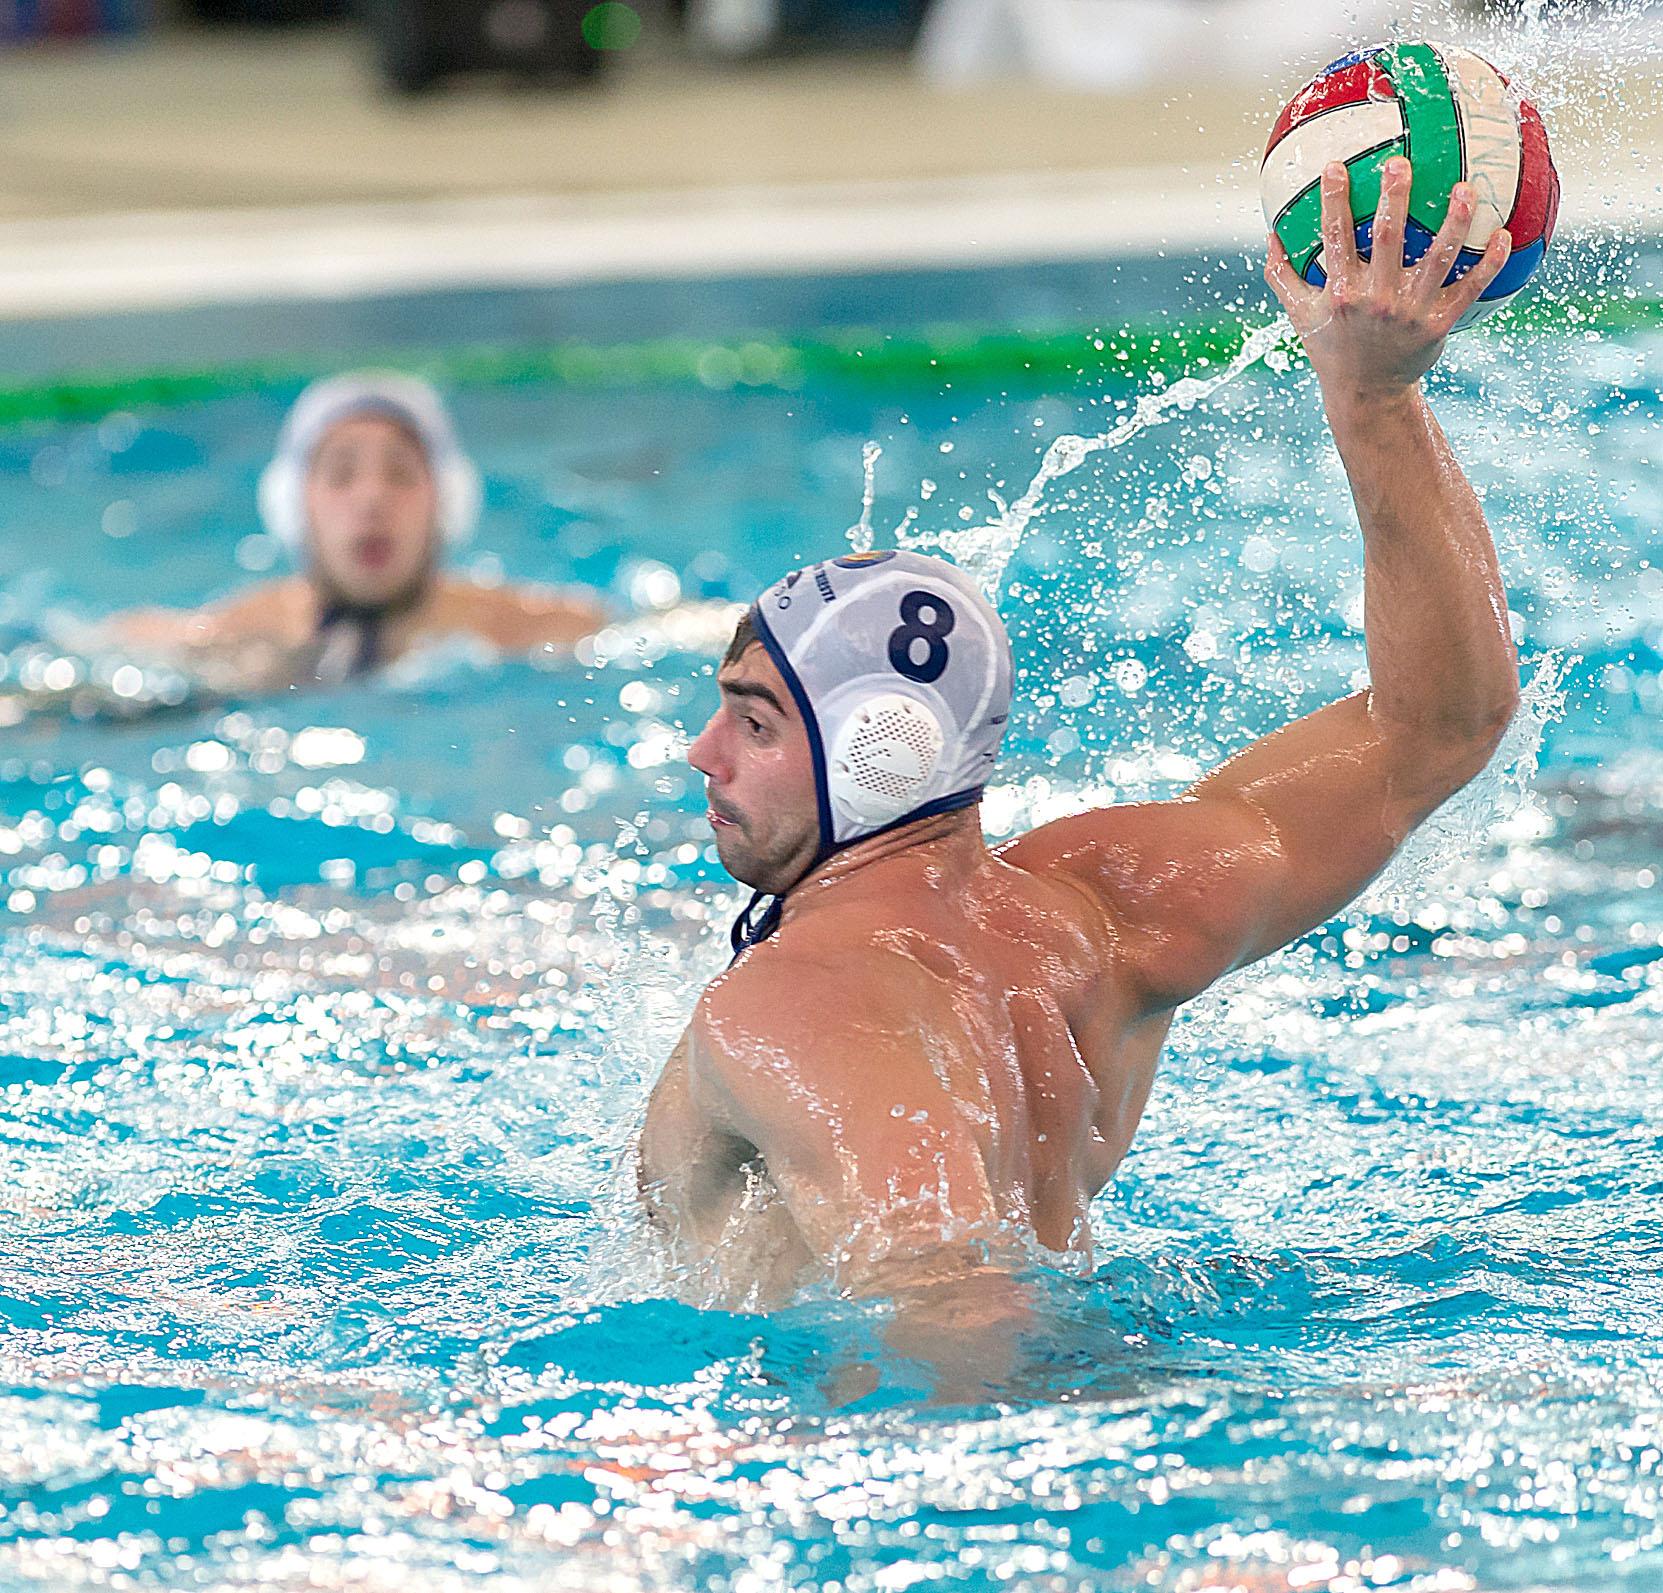 La Pallanuoto Trieste passa anche a Ostia, Lazio battuta in rimonta (6-7) nell'ultimo turno di campionato. Conquistato l'ottavo posto in classifica con il lusinghiero bottino di 35 punti